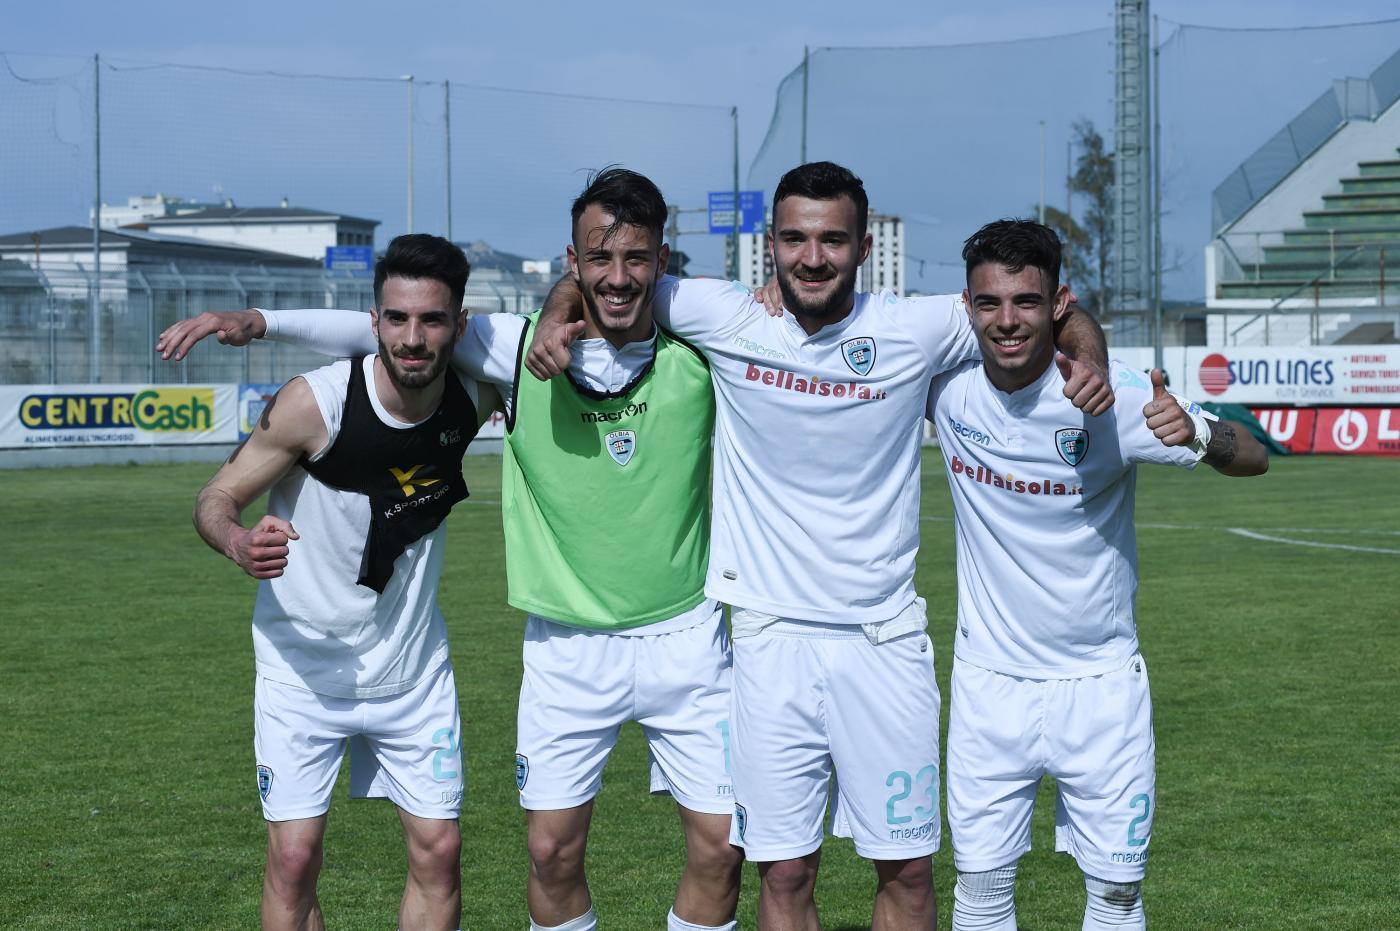 Serie C, Olbia-Alessandria 17 ottobre: analisi e pronostico della giornata della terza divisione calcistica italiana